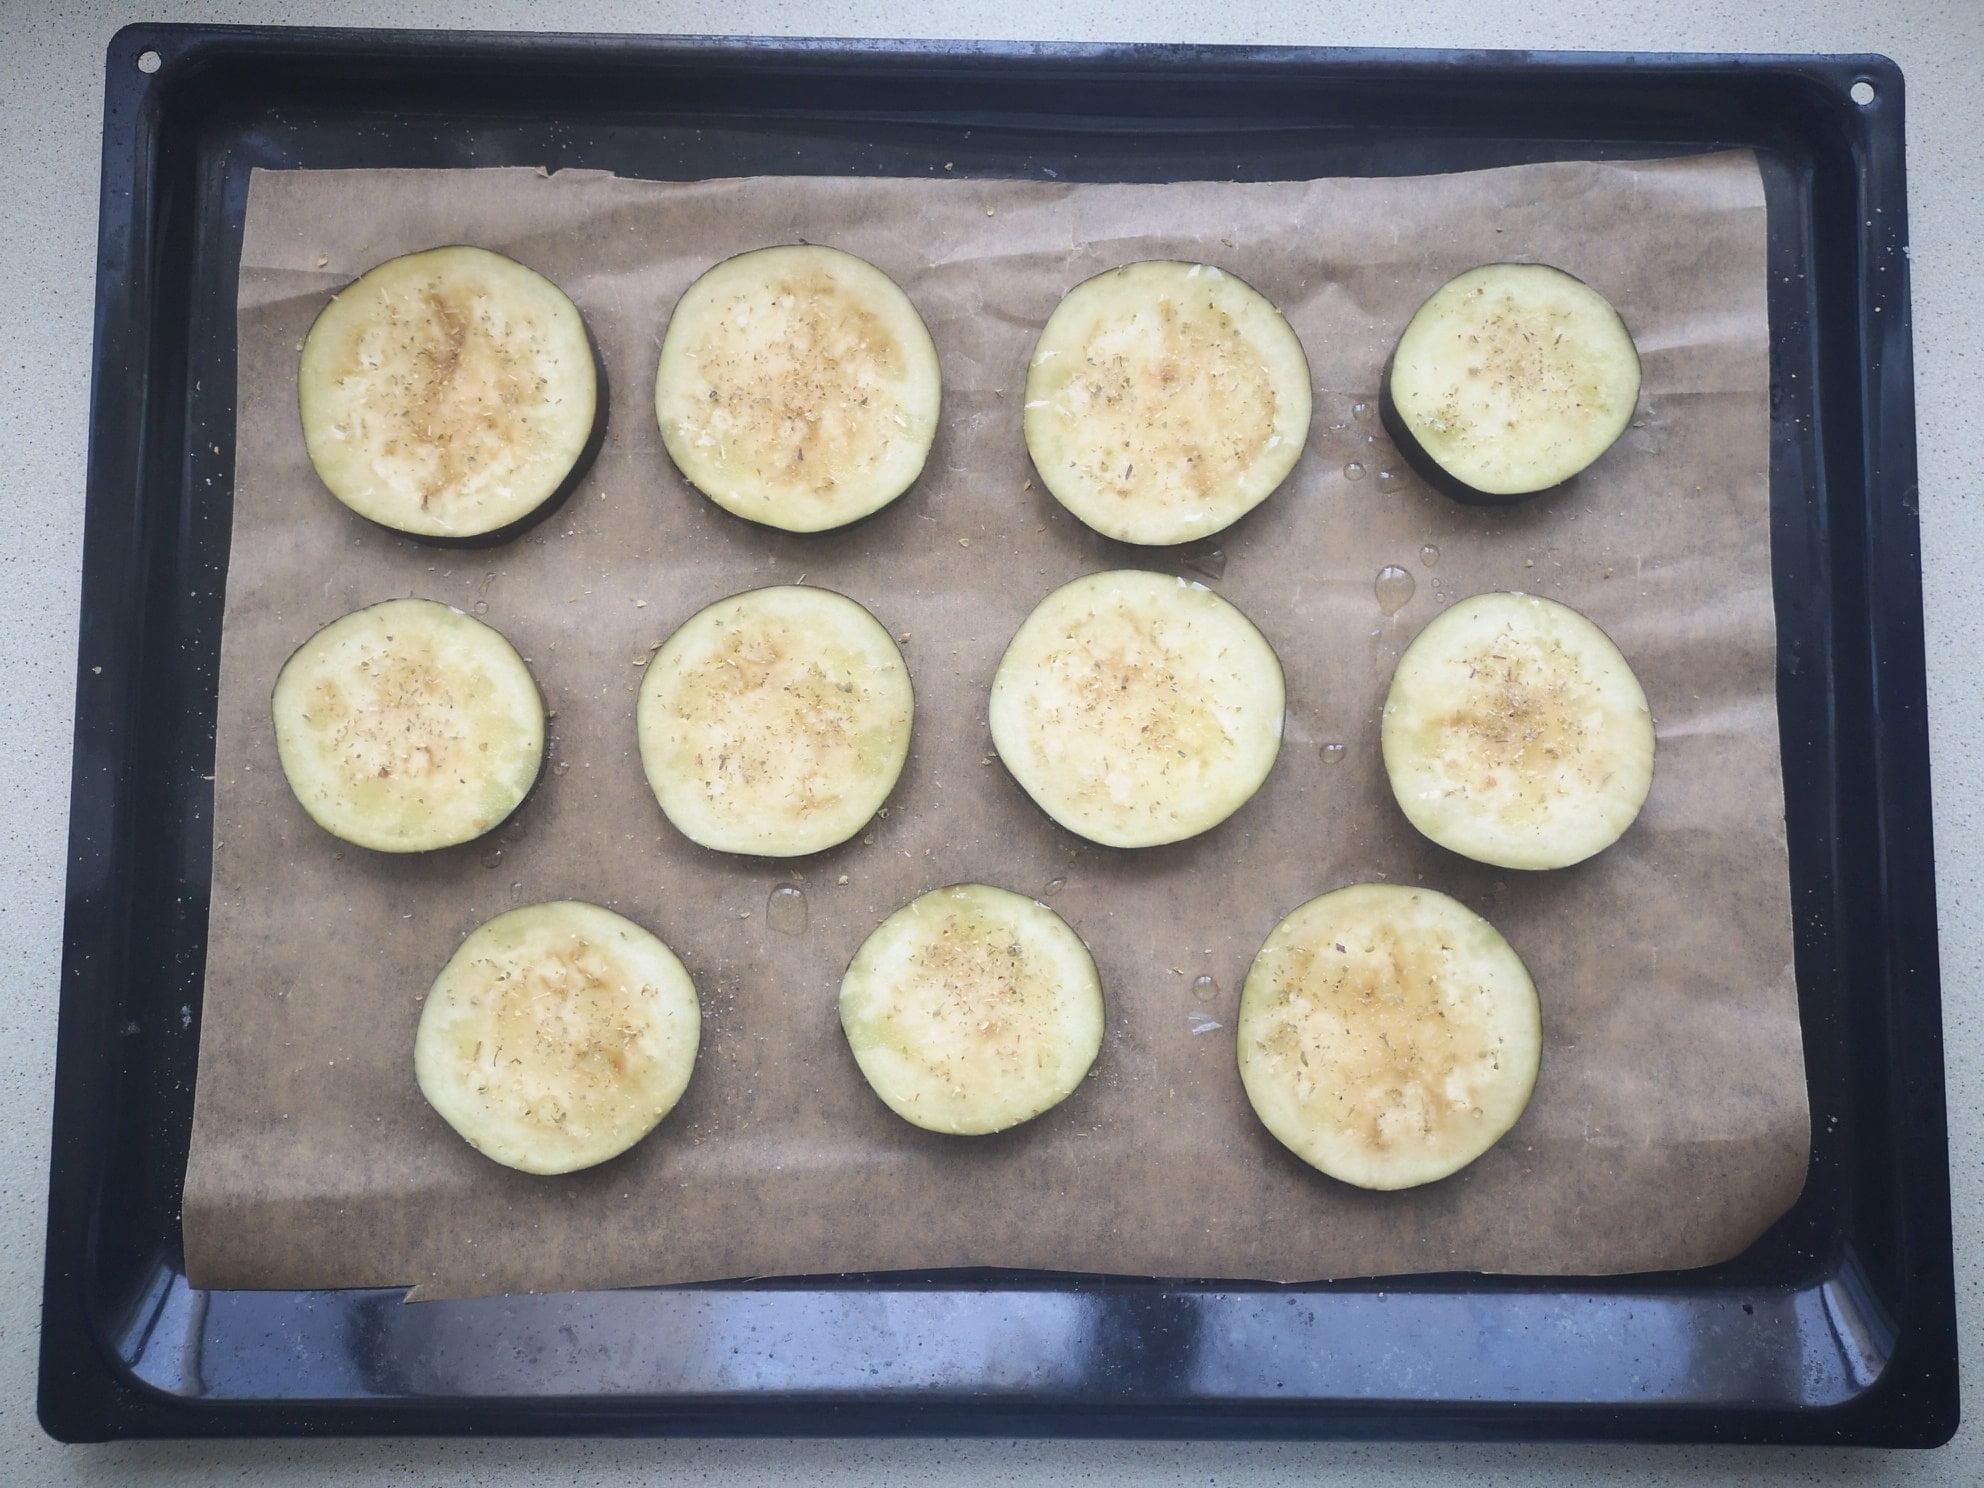 Bakłażan ma goryczkowy smak - usuń go w kilka kroków